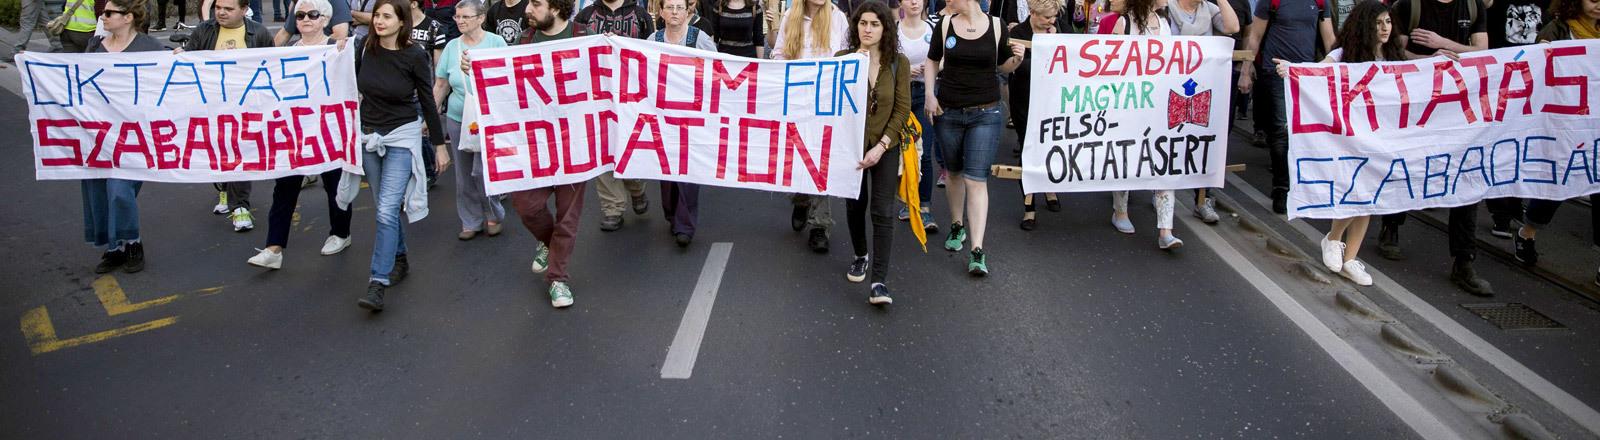 Demonstration in Budapest gegen das neue Hochschulgesetz